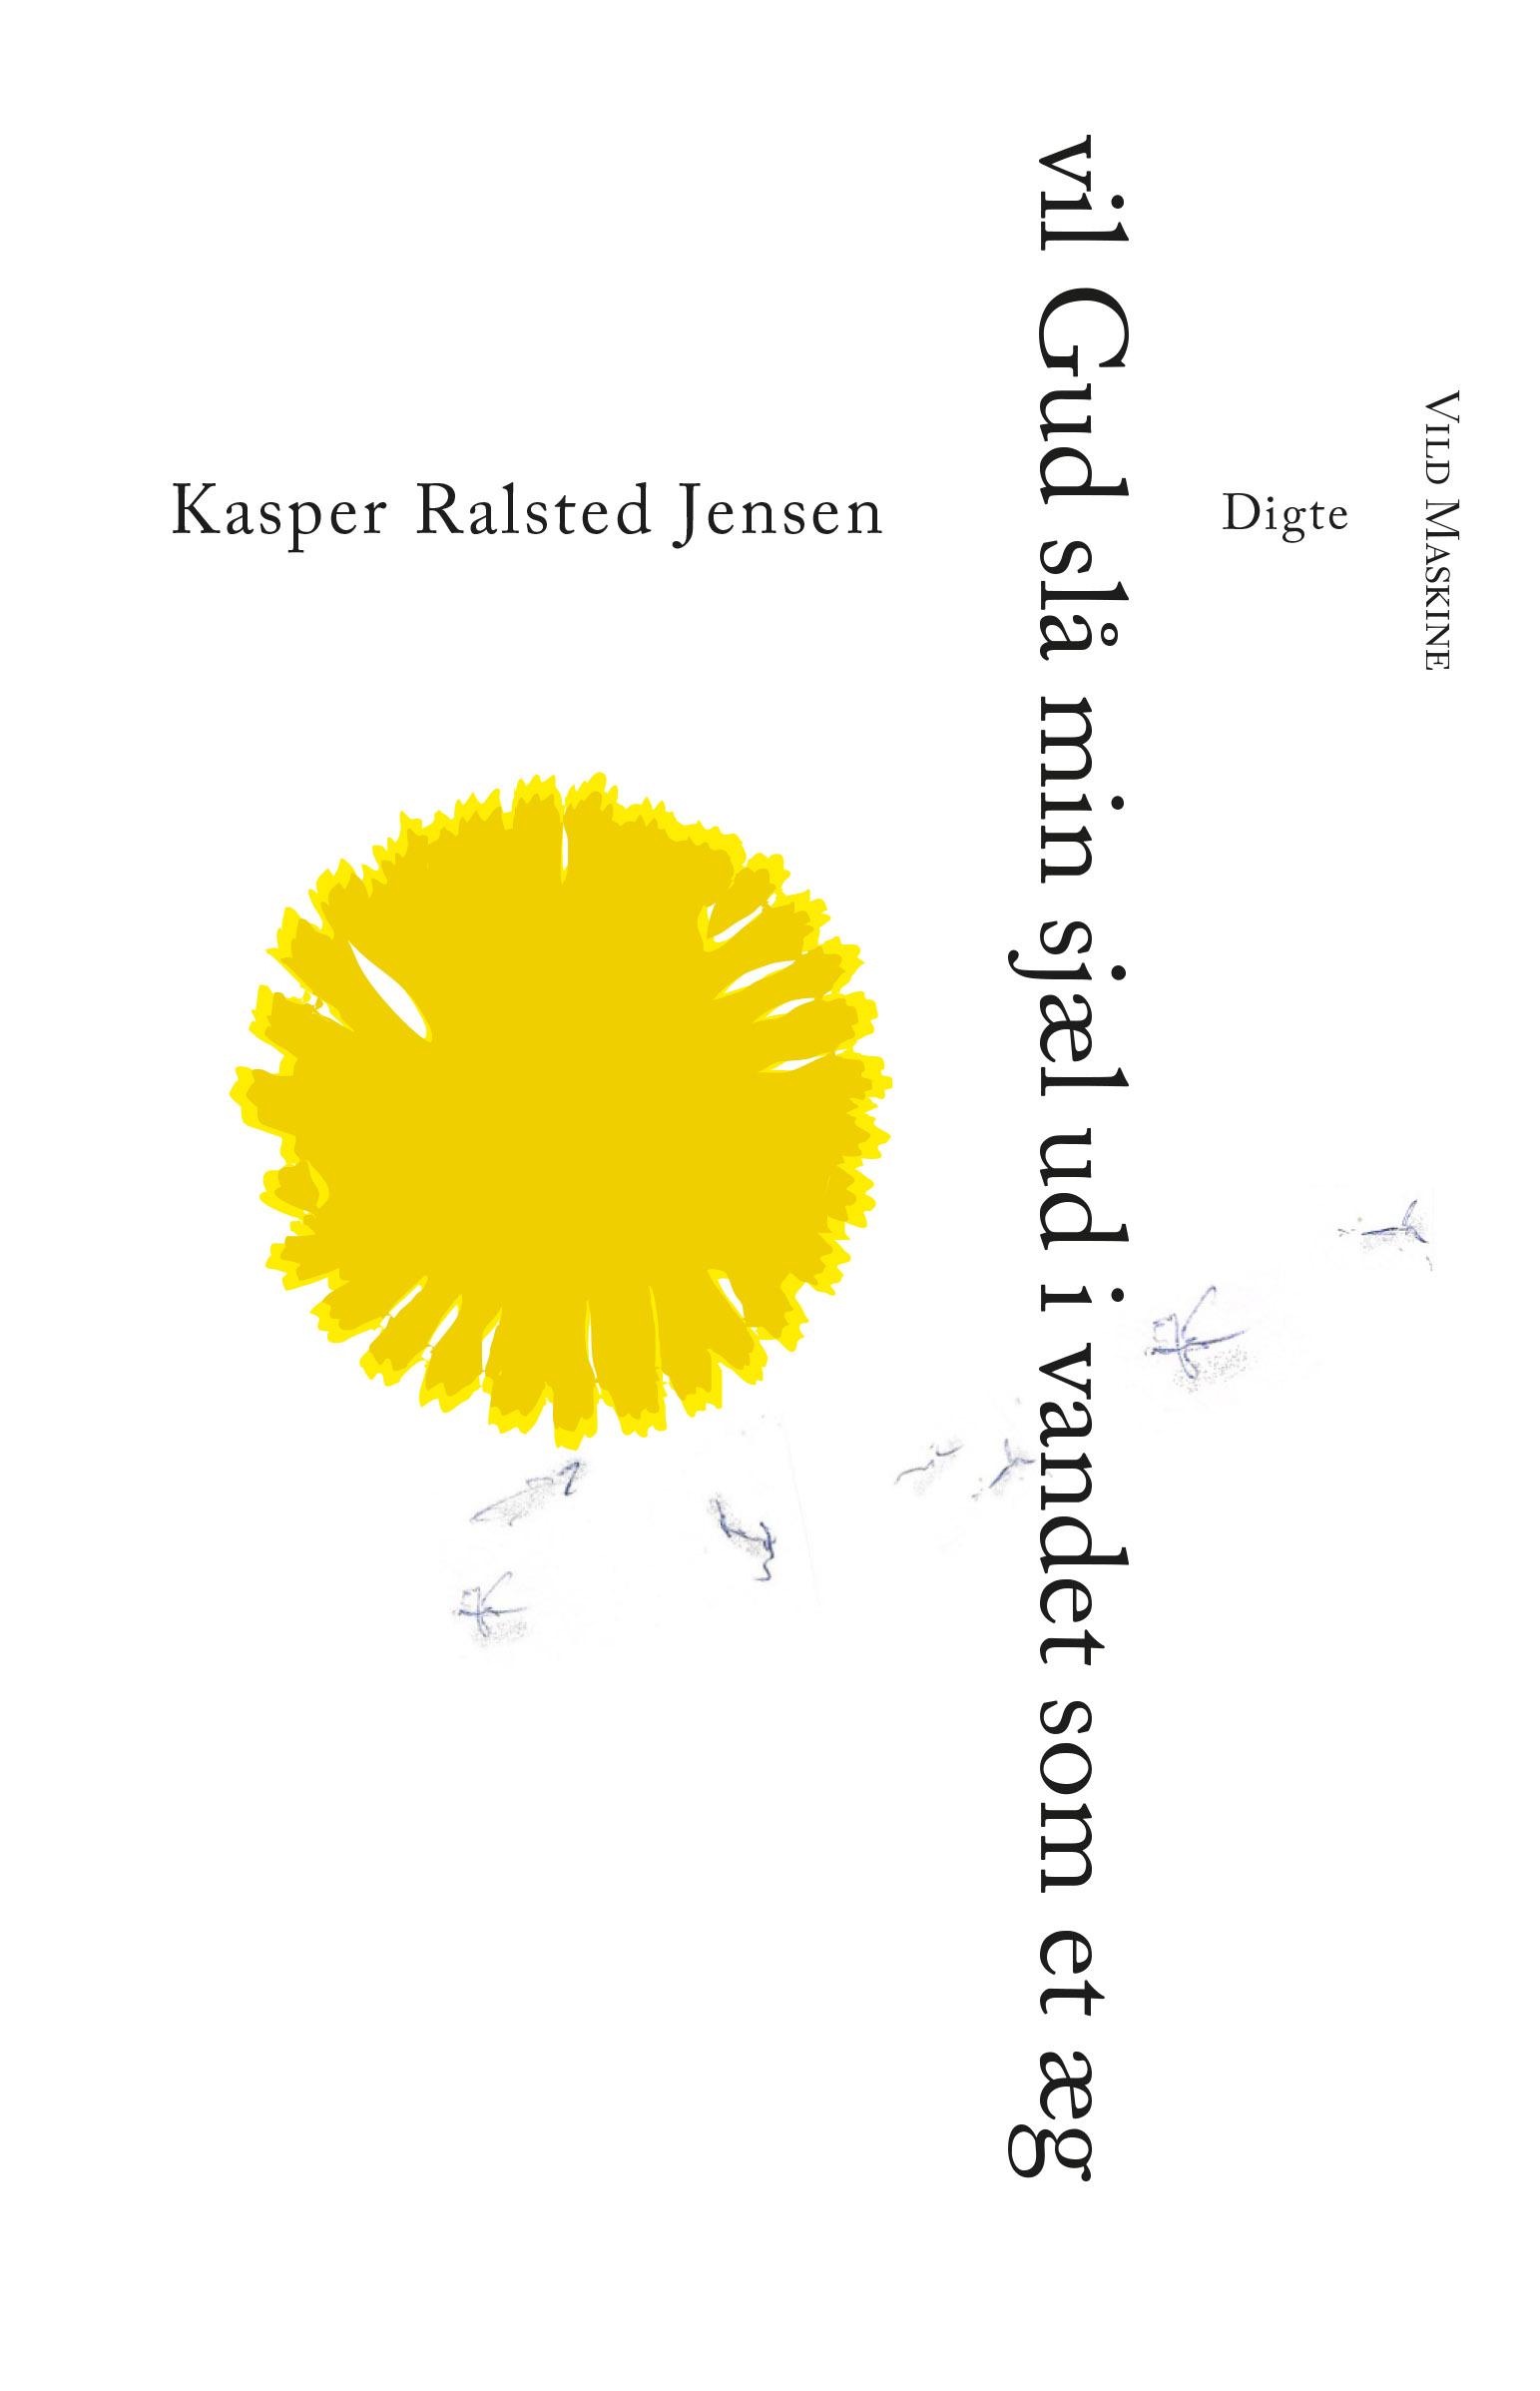 Vil Gud slå min sjæl ud i vandet som et æg, digte af Kasper Ralsted Jensen, udkommer juni 2018, omslag af Neel Dich Abrahamsen.